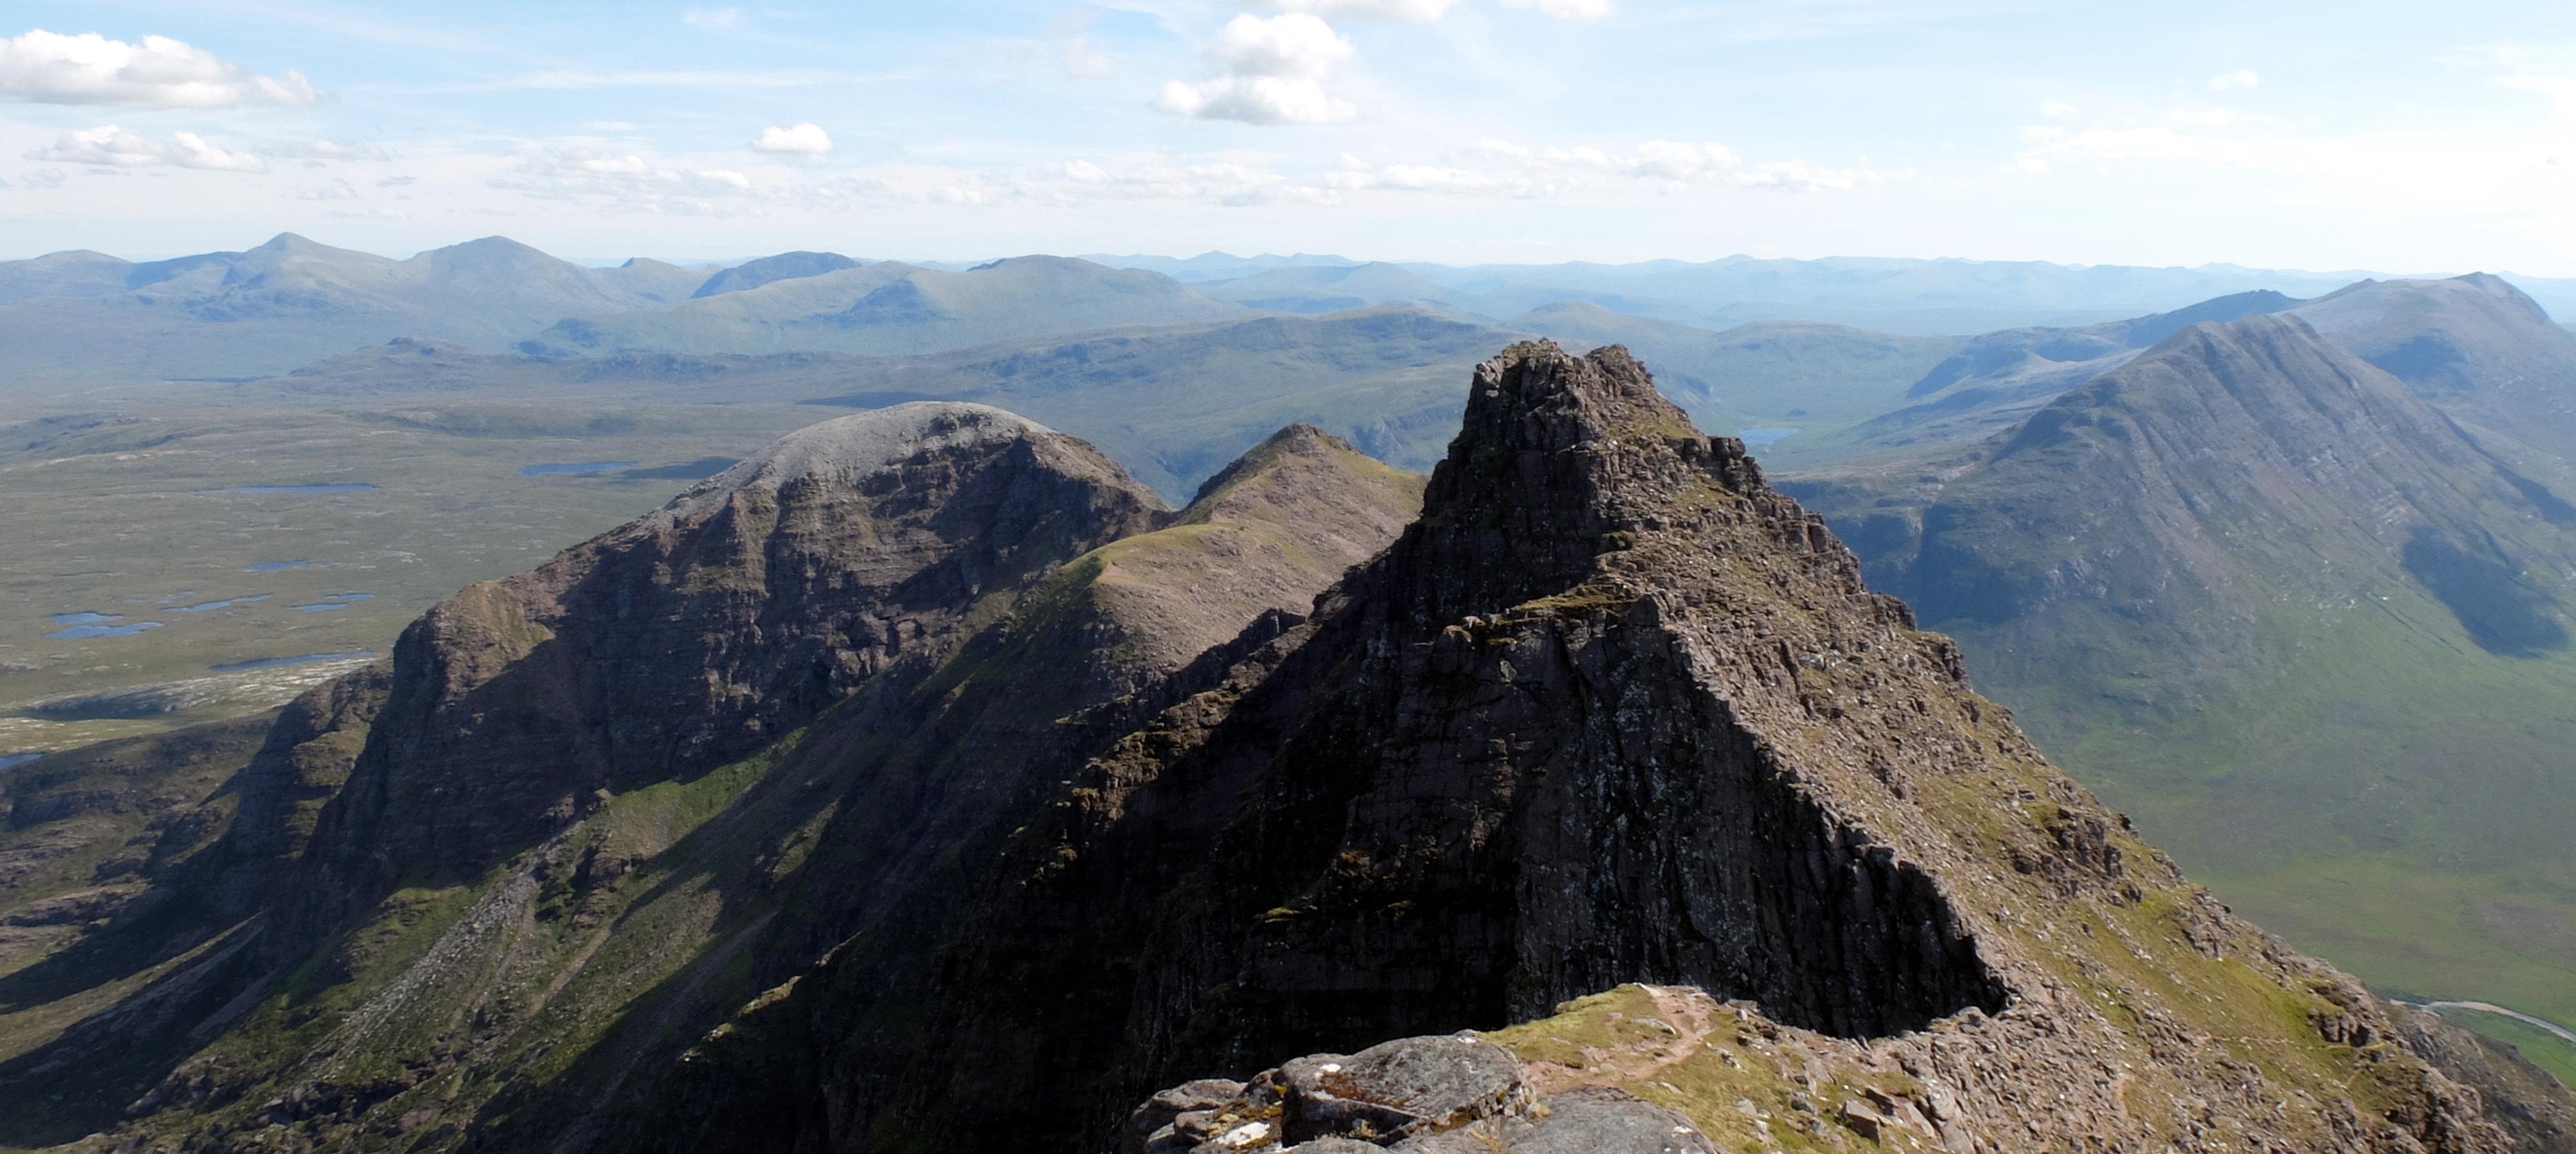 View of the main An Teallach ridge